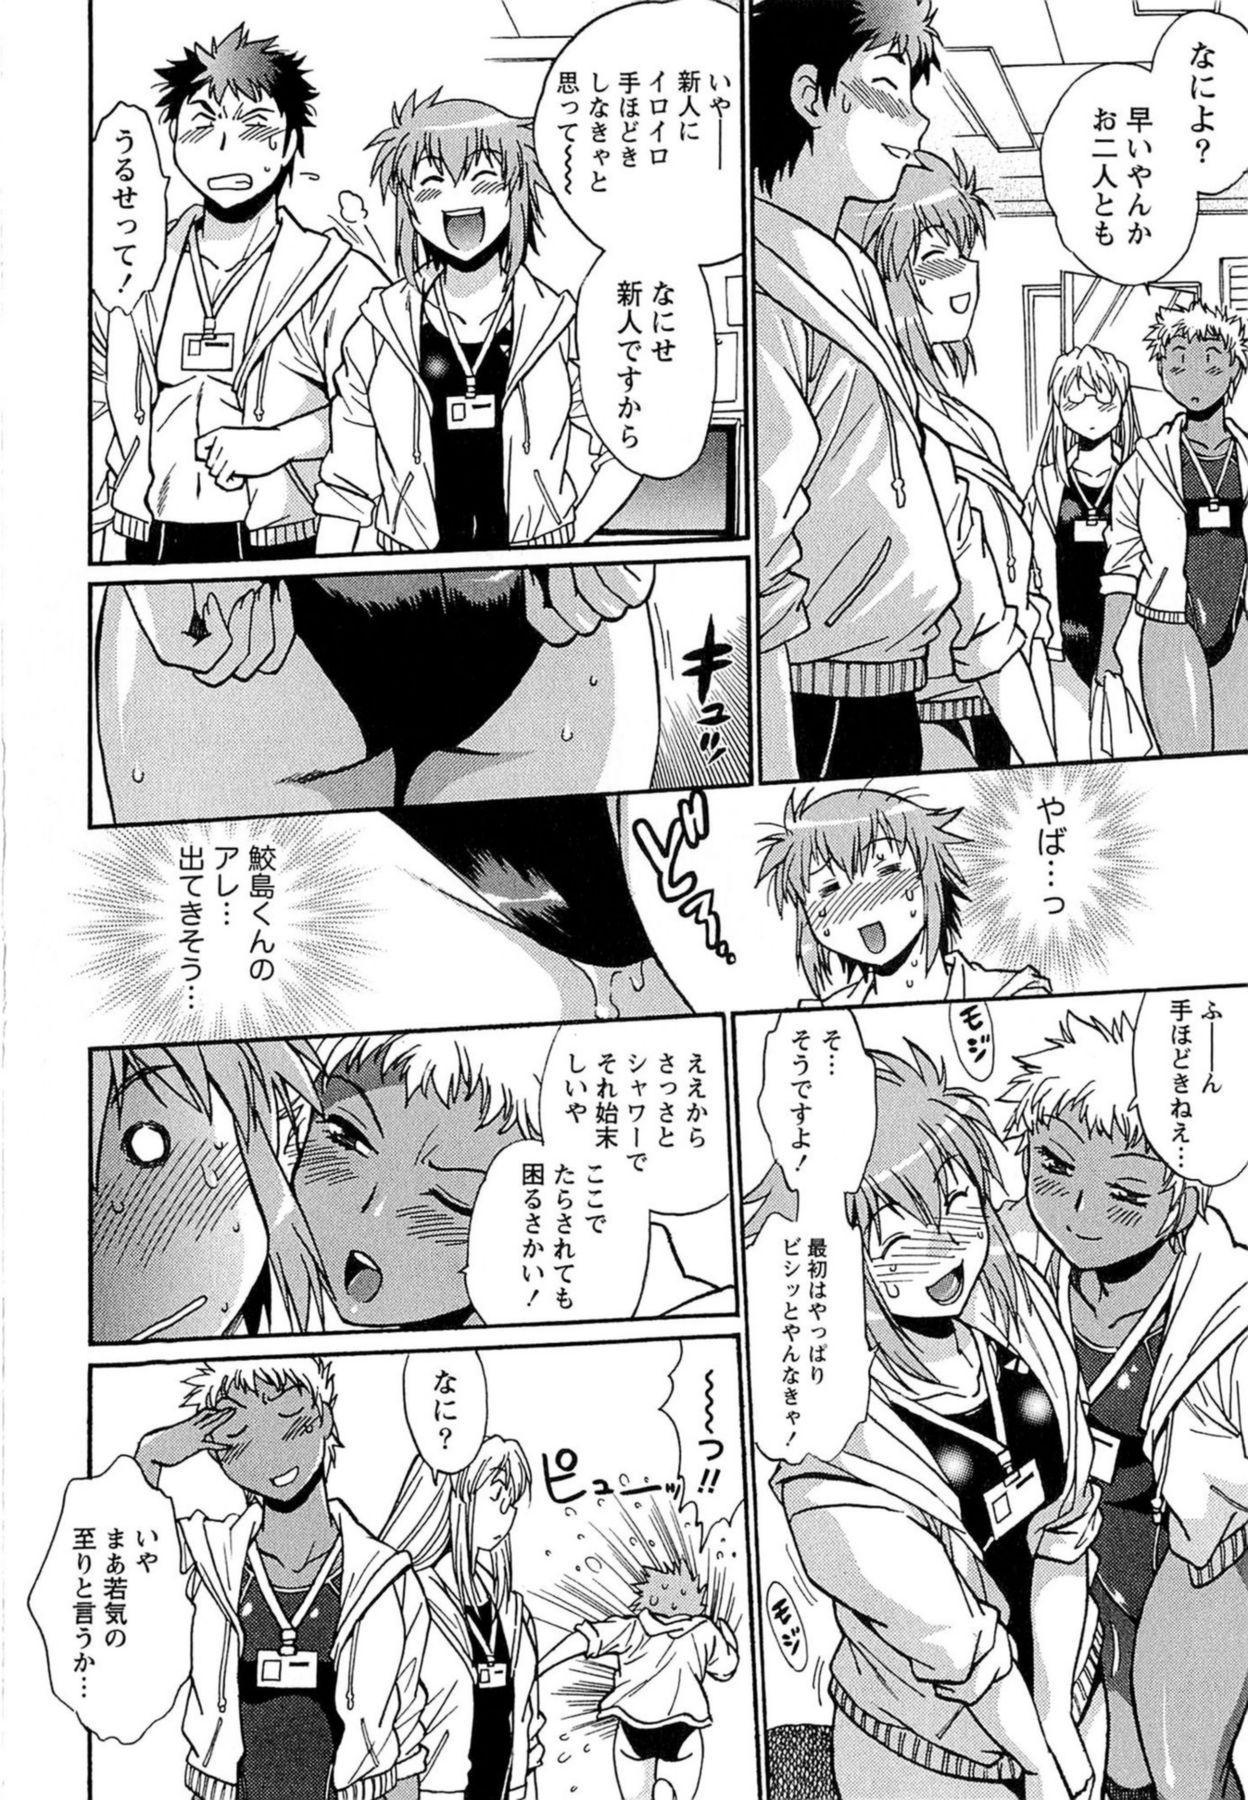 Kuikomi wo Naoshiteru Hima wa Nai! Vol. 1 48